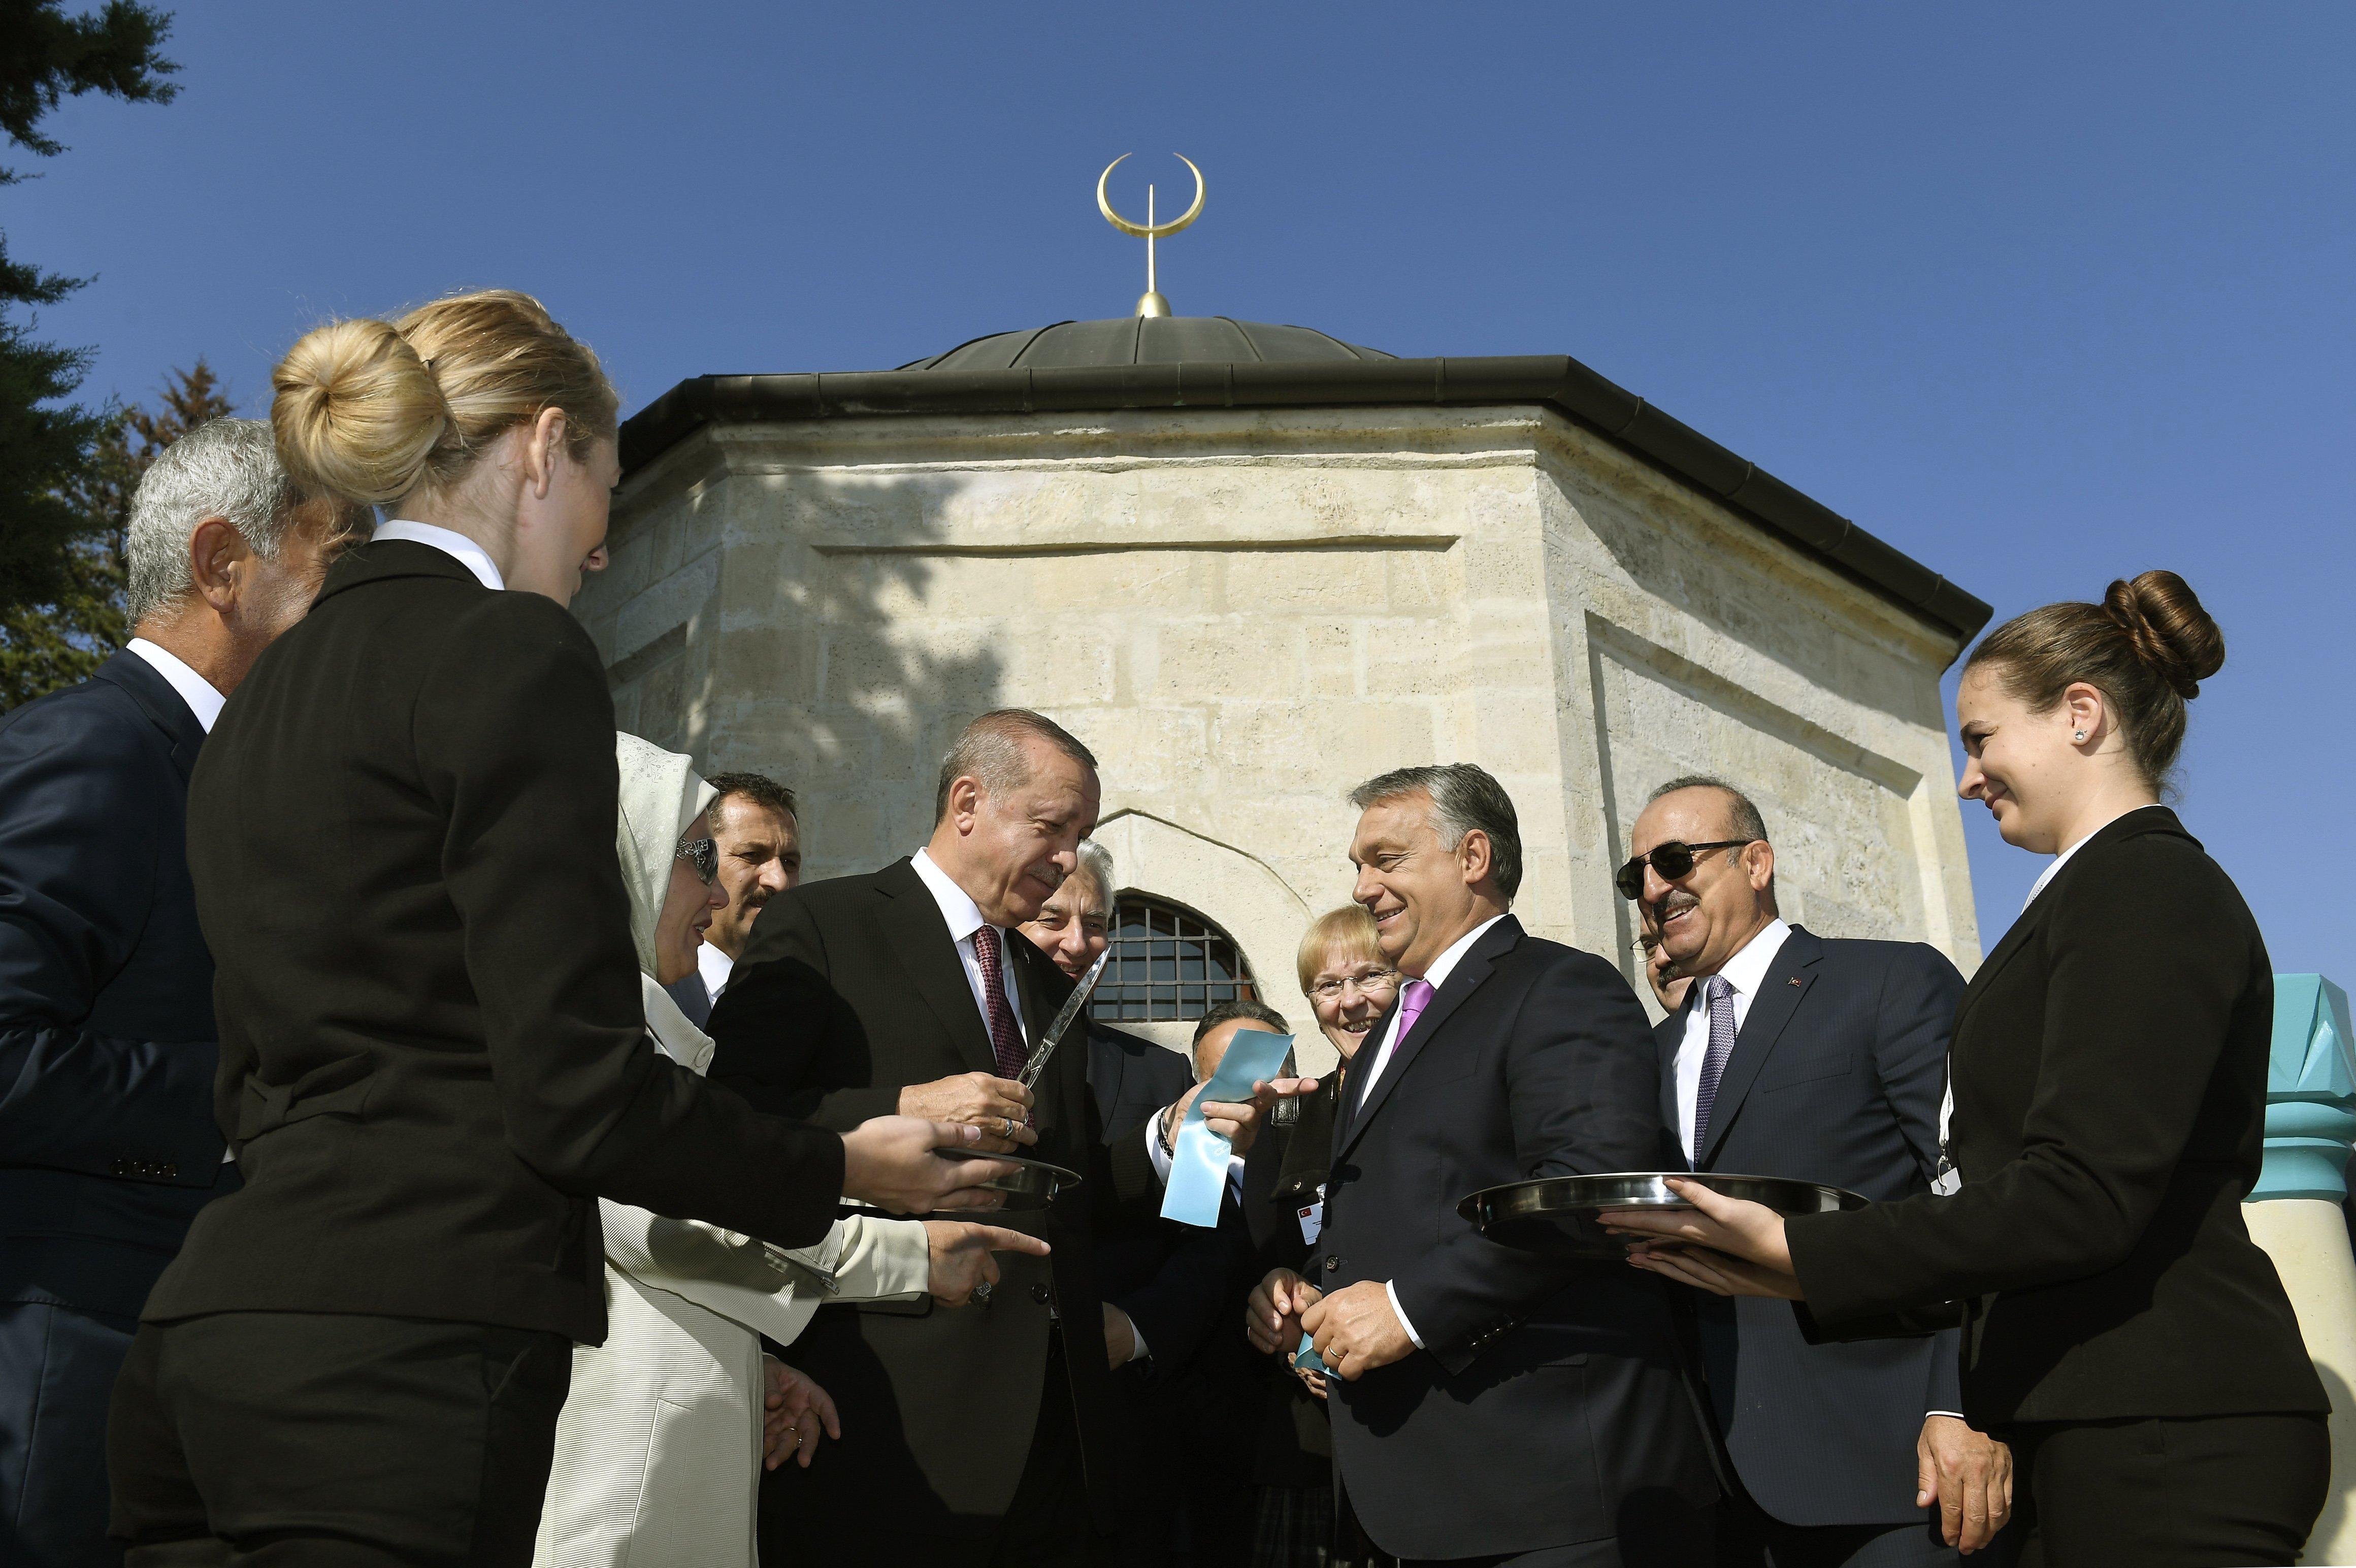 Orbán und Erdogan eröffnen renoviertes türkisches Grabmal post's picture